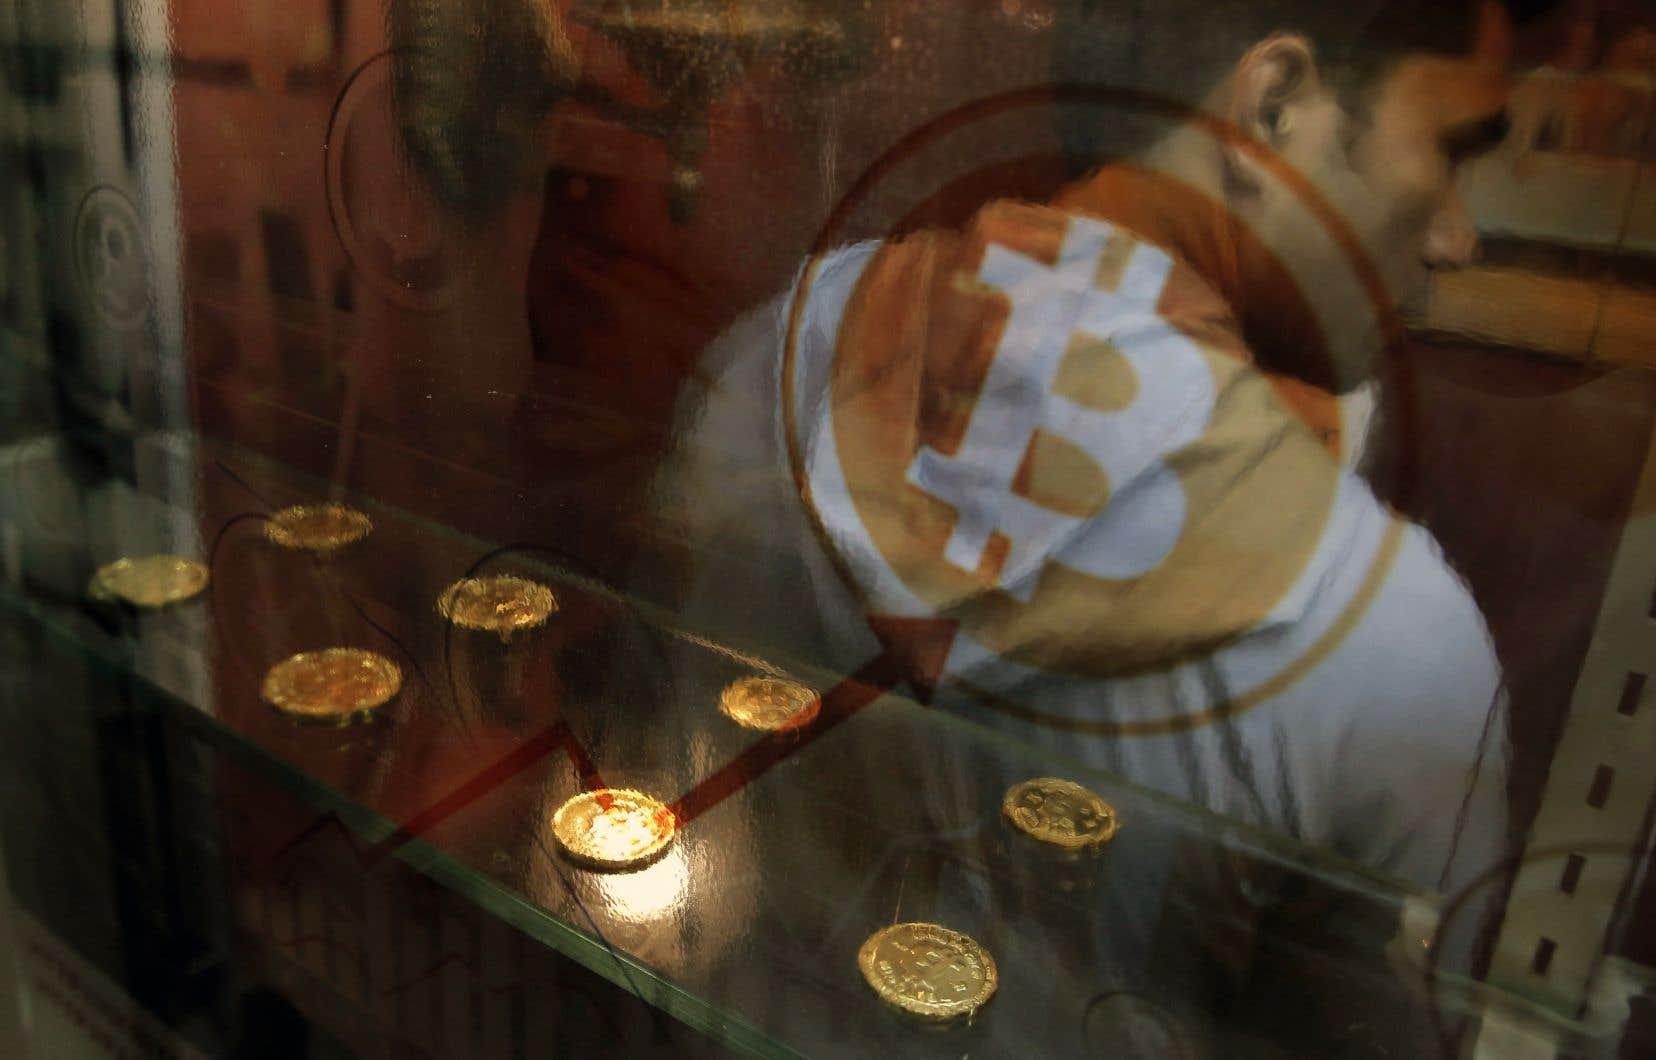 Le bitcoin marque aujourd'hui l'avènement mondial d'un tout nouvel écosystème technologique.